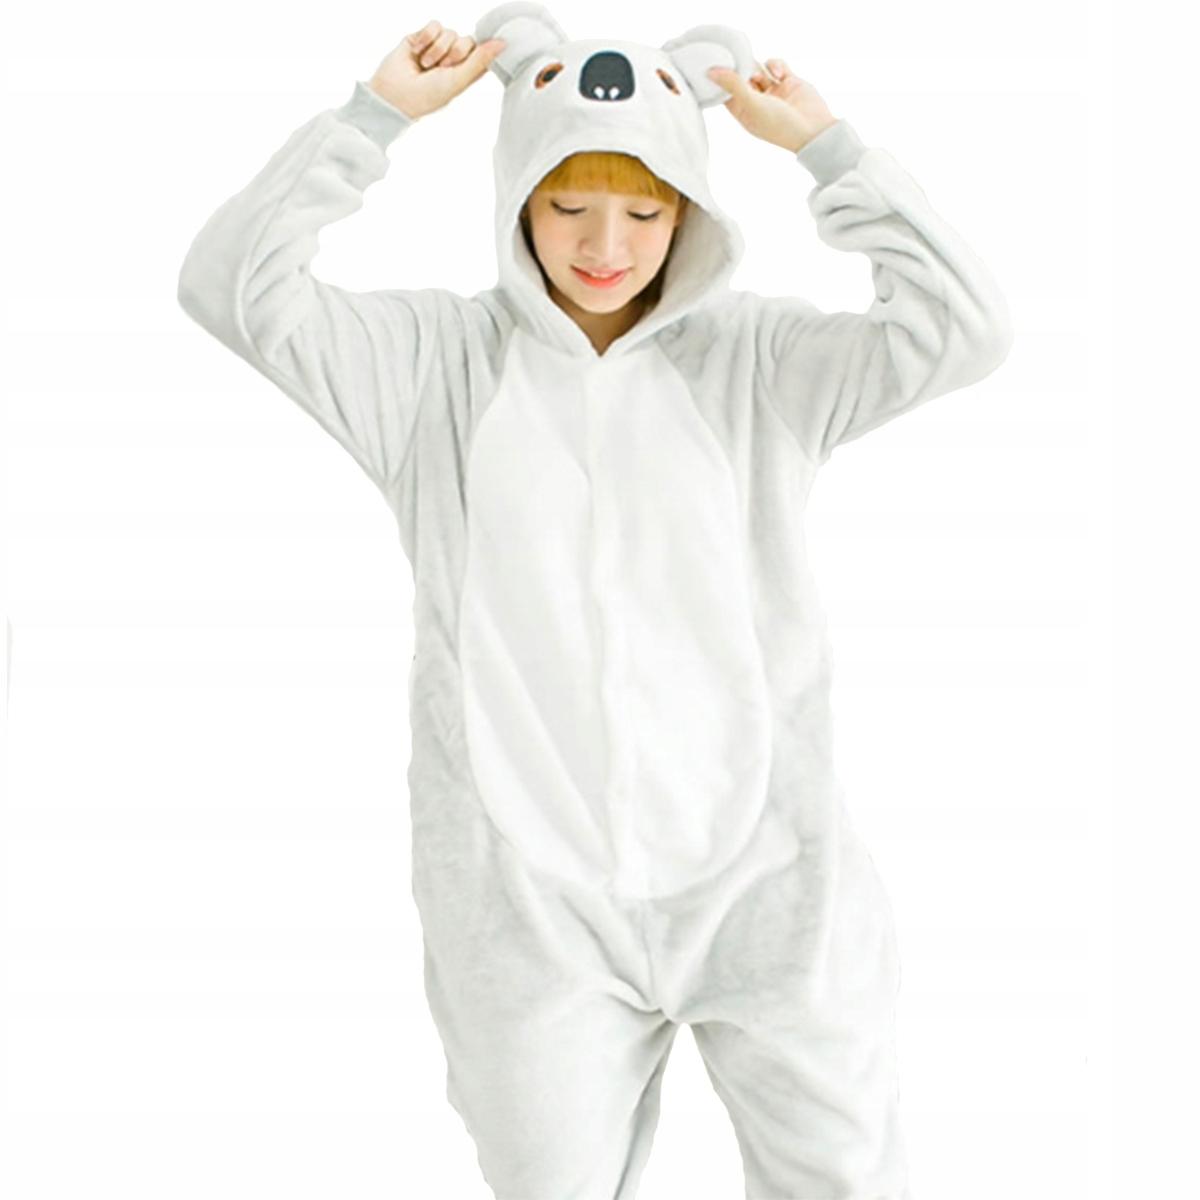 Плюшевые пижамы Коала светлая d0f218d7425a8098be1d24e43a05.jpg